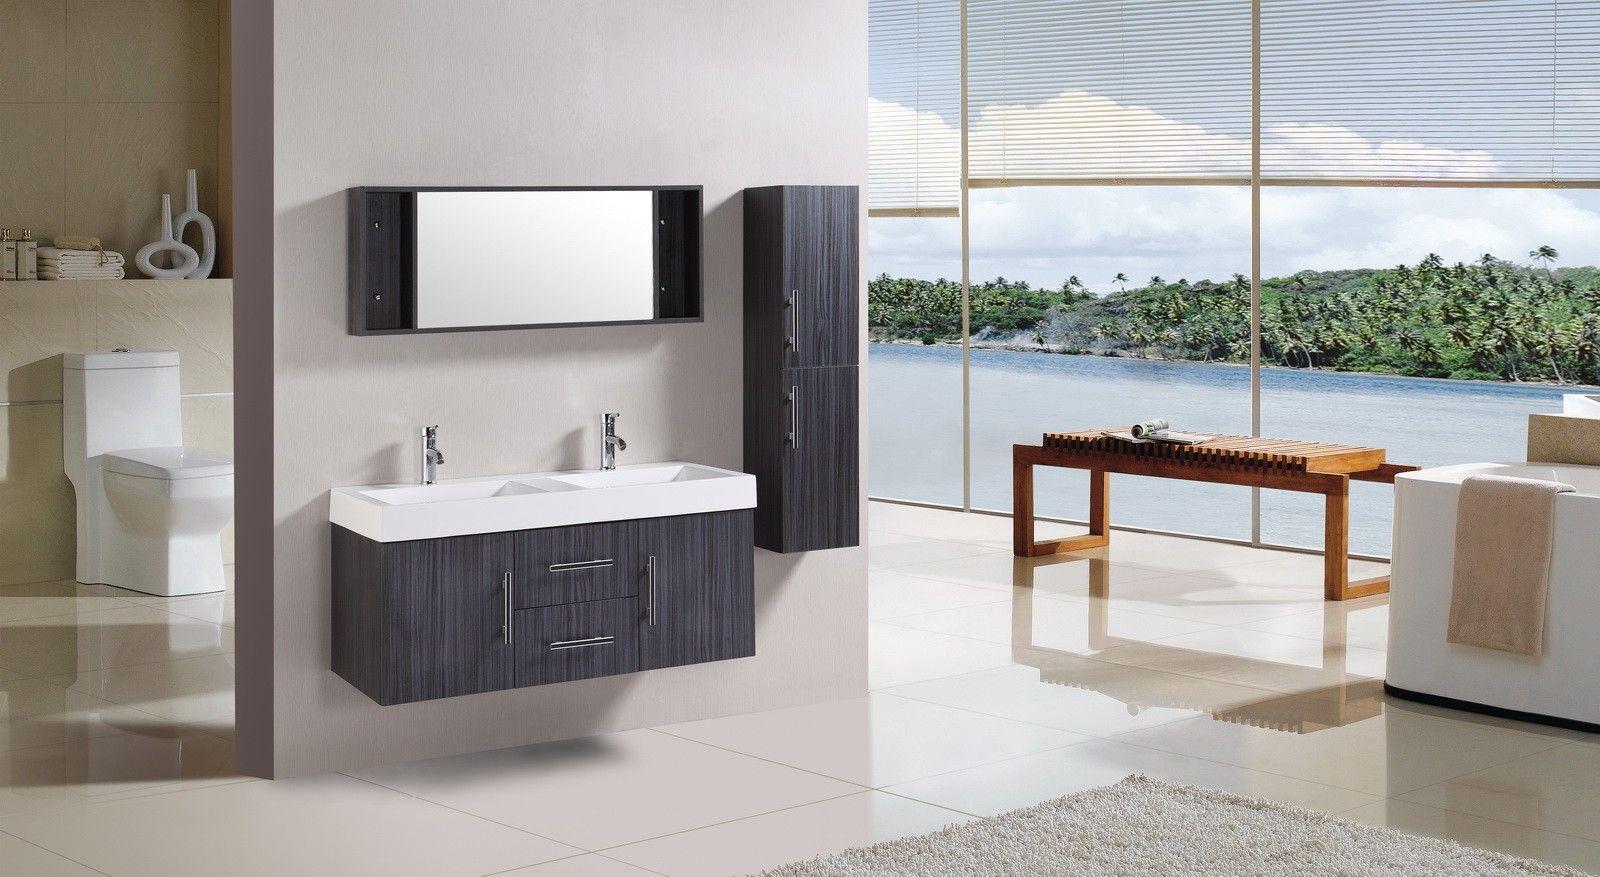 sanitair-badkamer